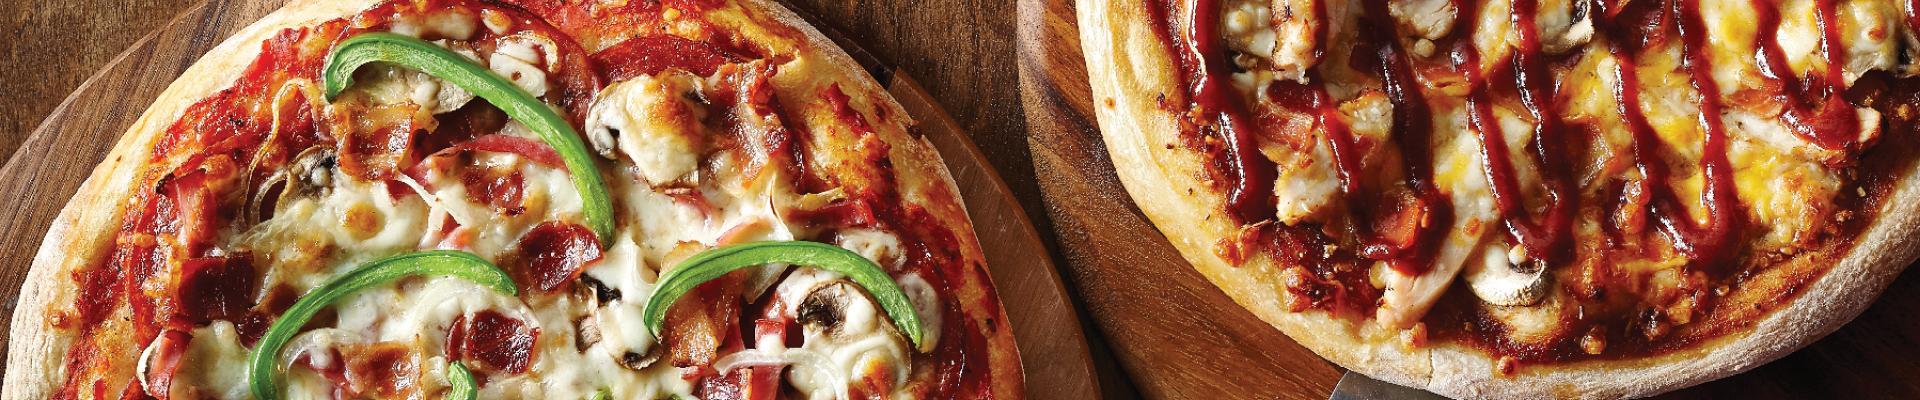 Comment préparer une délicieuse pizza maison   Meilleure ...